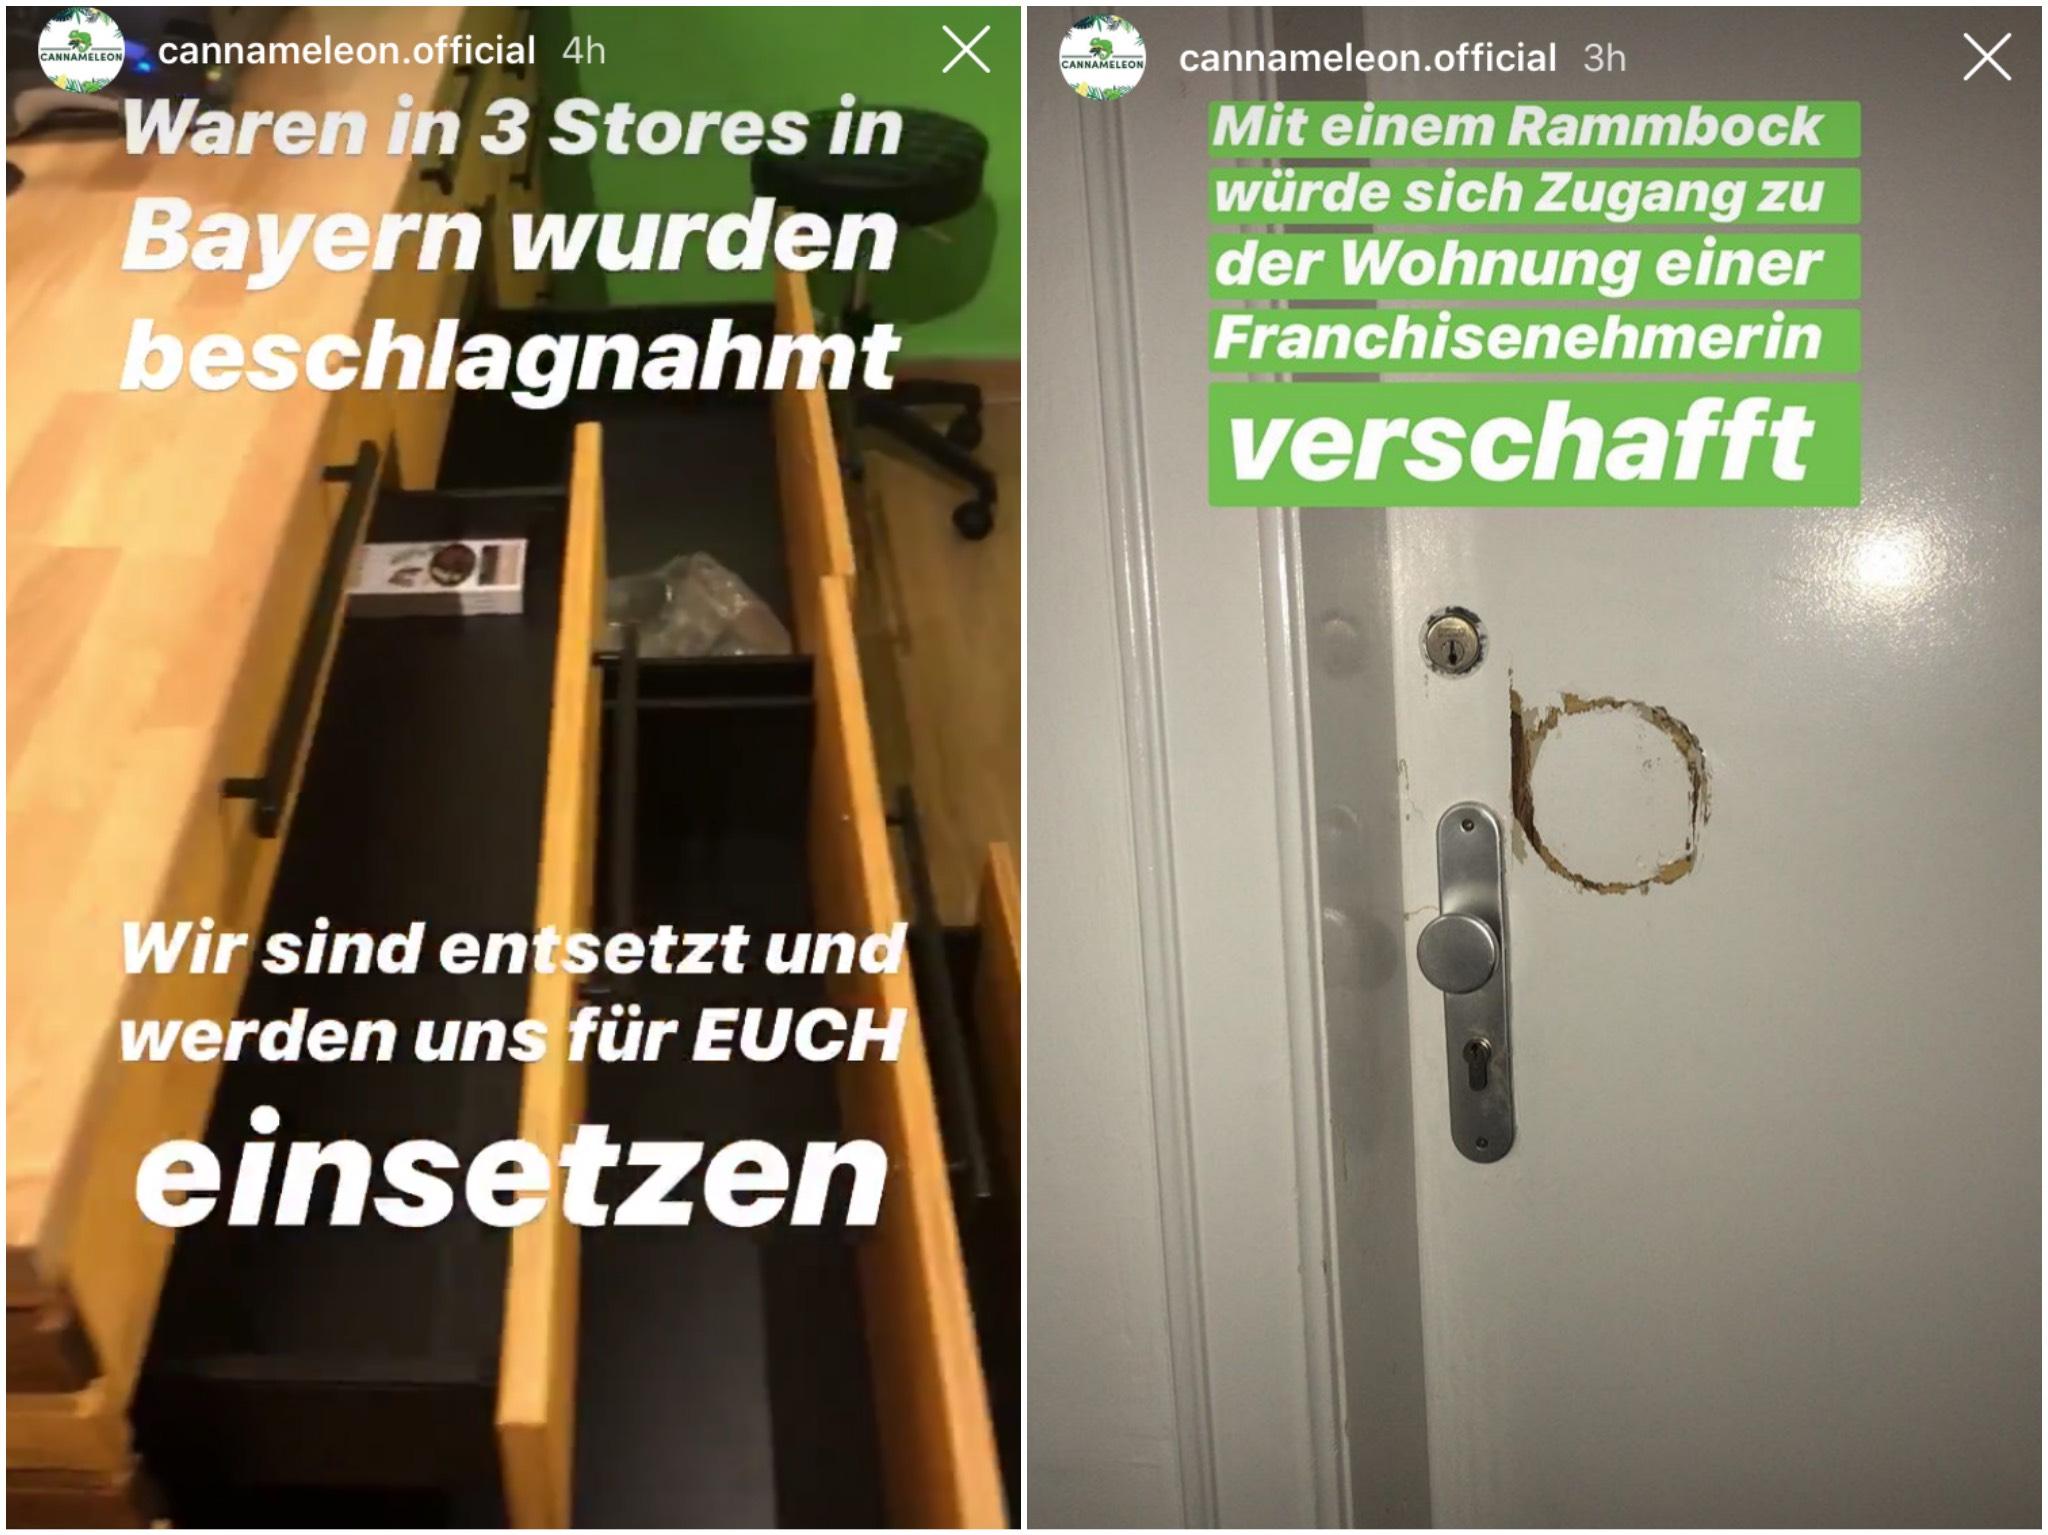 Cannameleon dokumentierte in einer Instagram-Story den Zustand nach der Ducrhsuchung. Foto: Screenshot Instagram